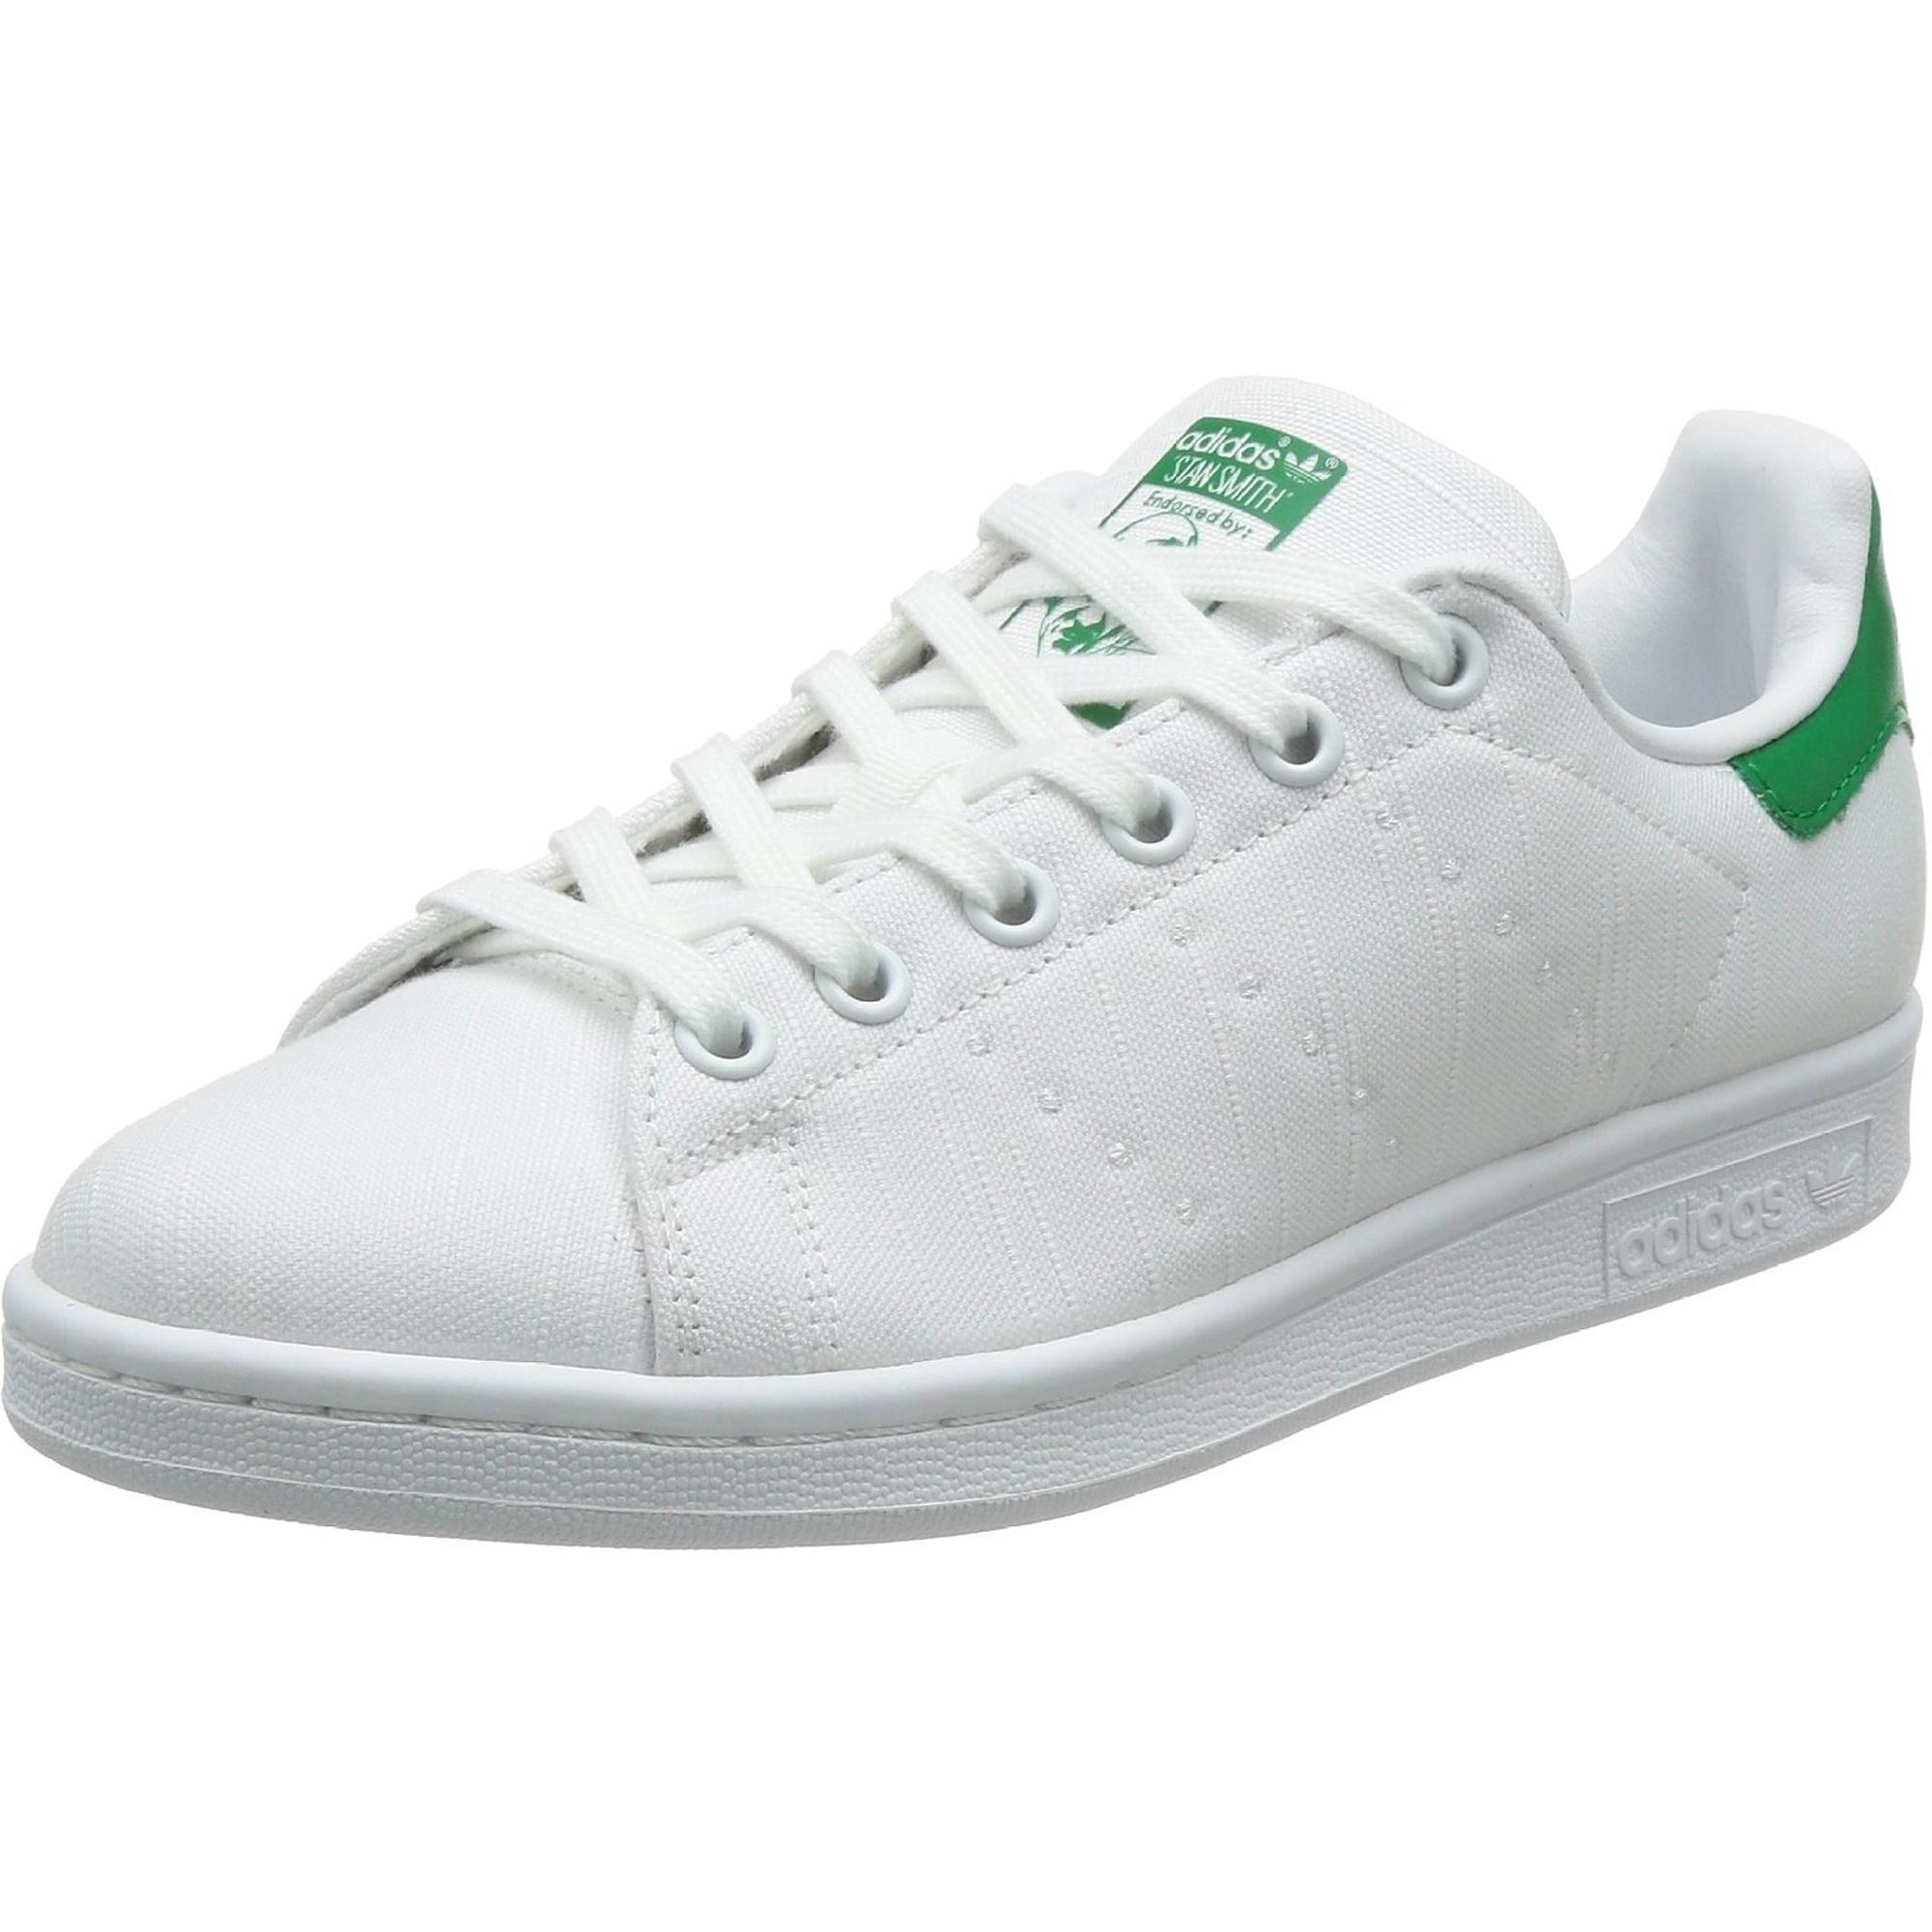 adidas Stan Smith W Schuhe weiß grün